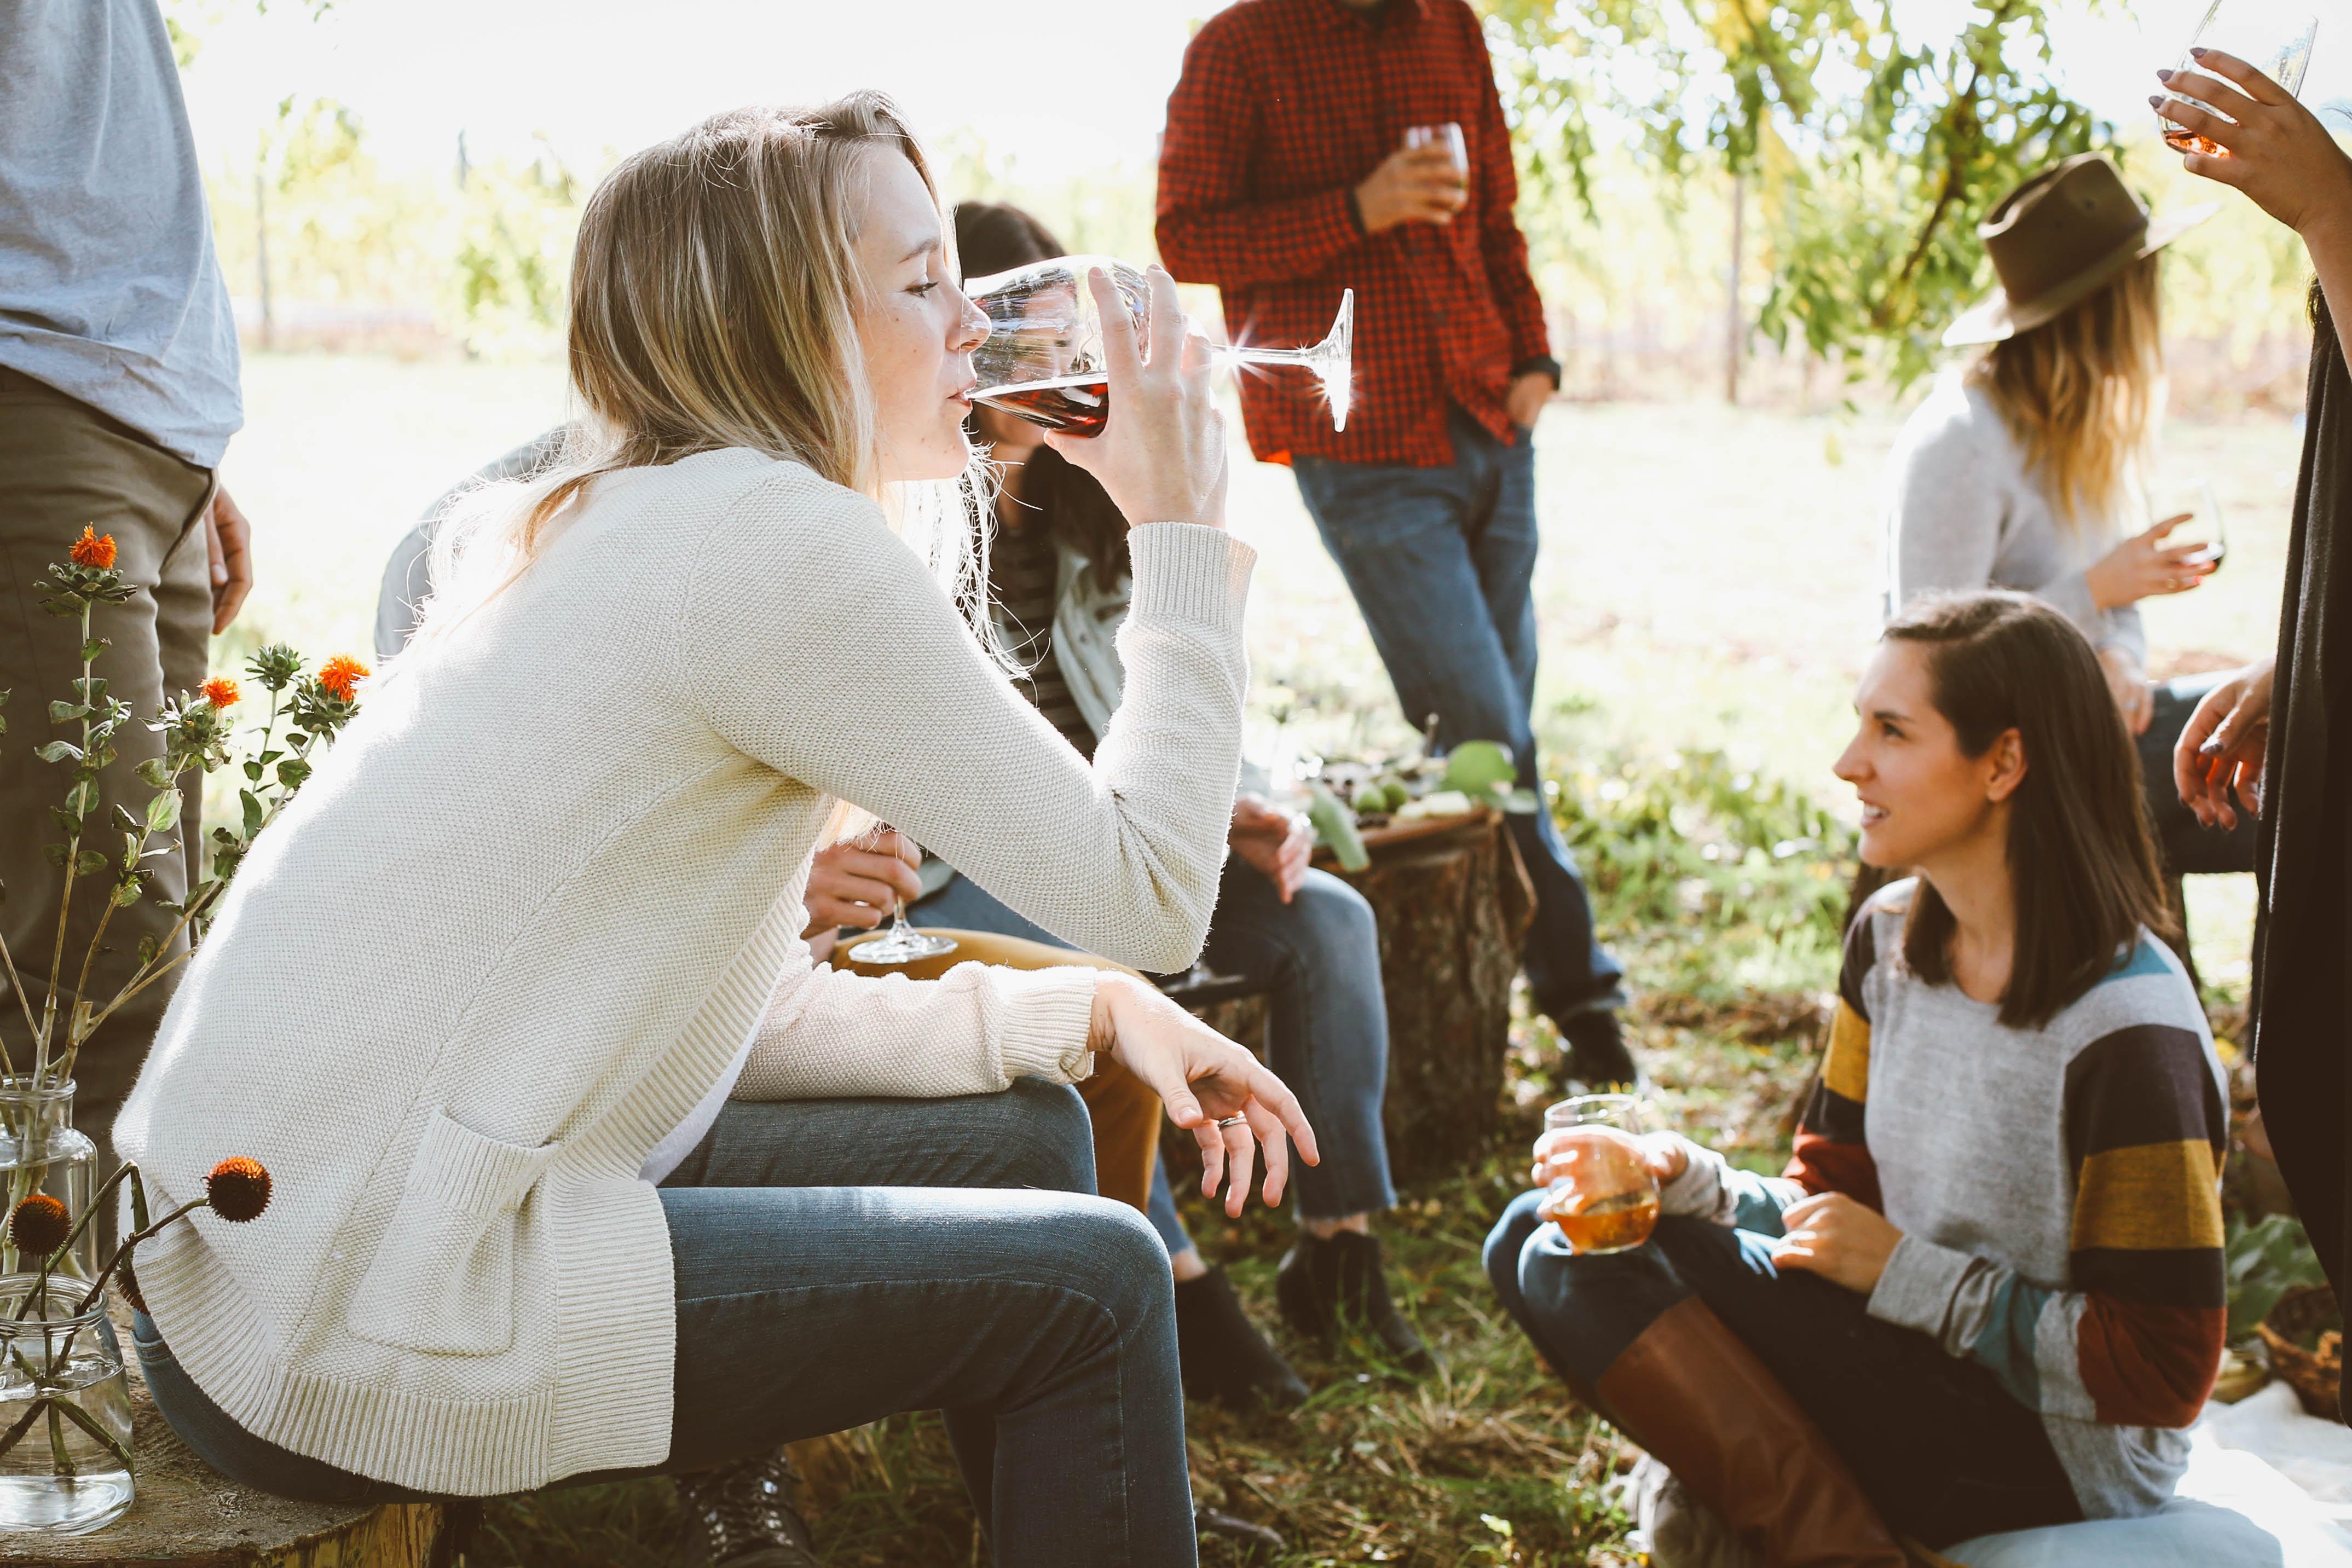 Madspild, venner, vin, hygge, skov. (Foto: Unsplash)